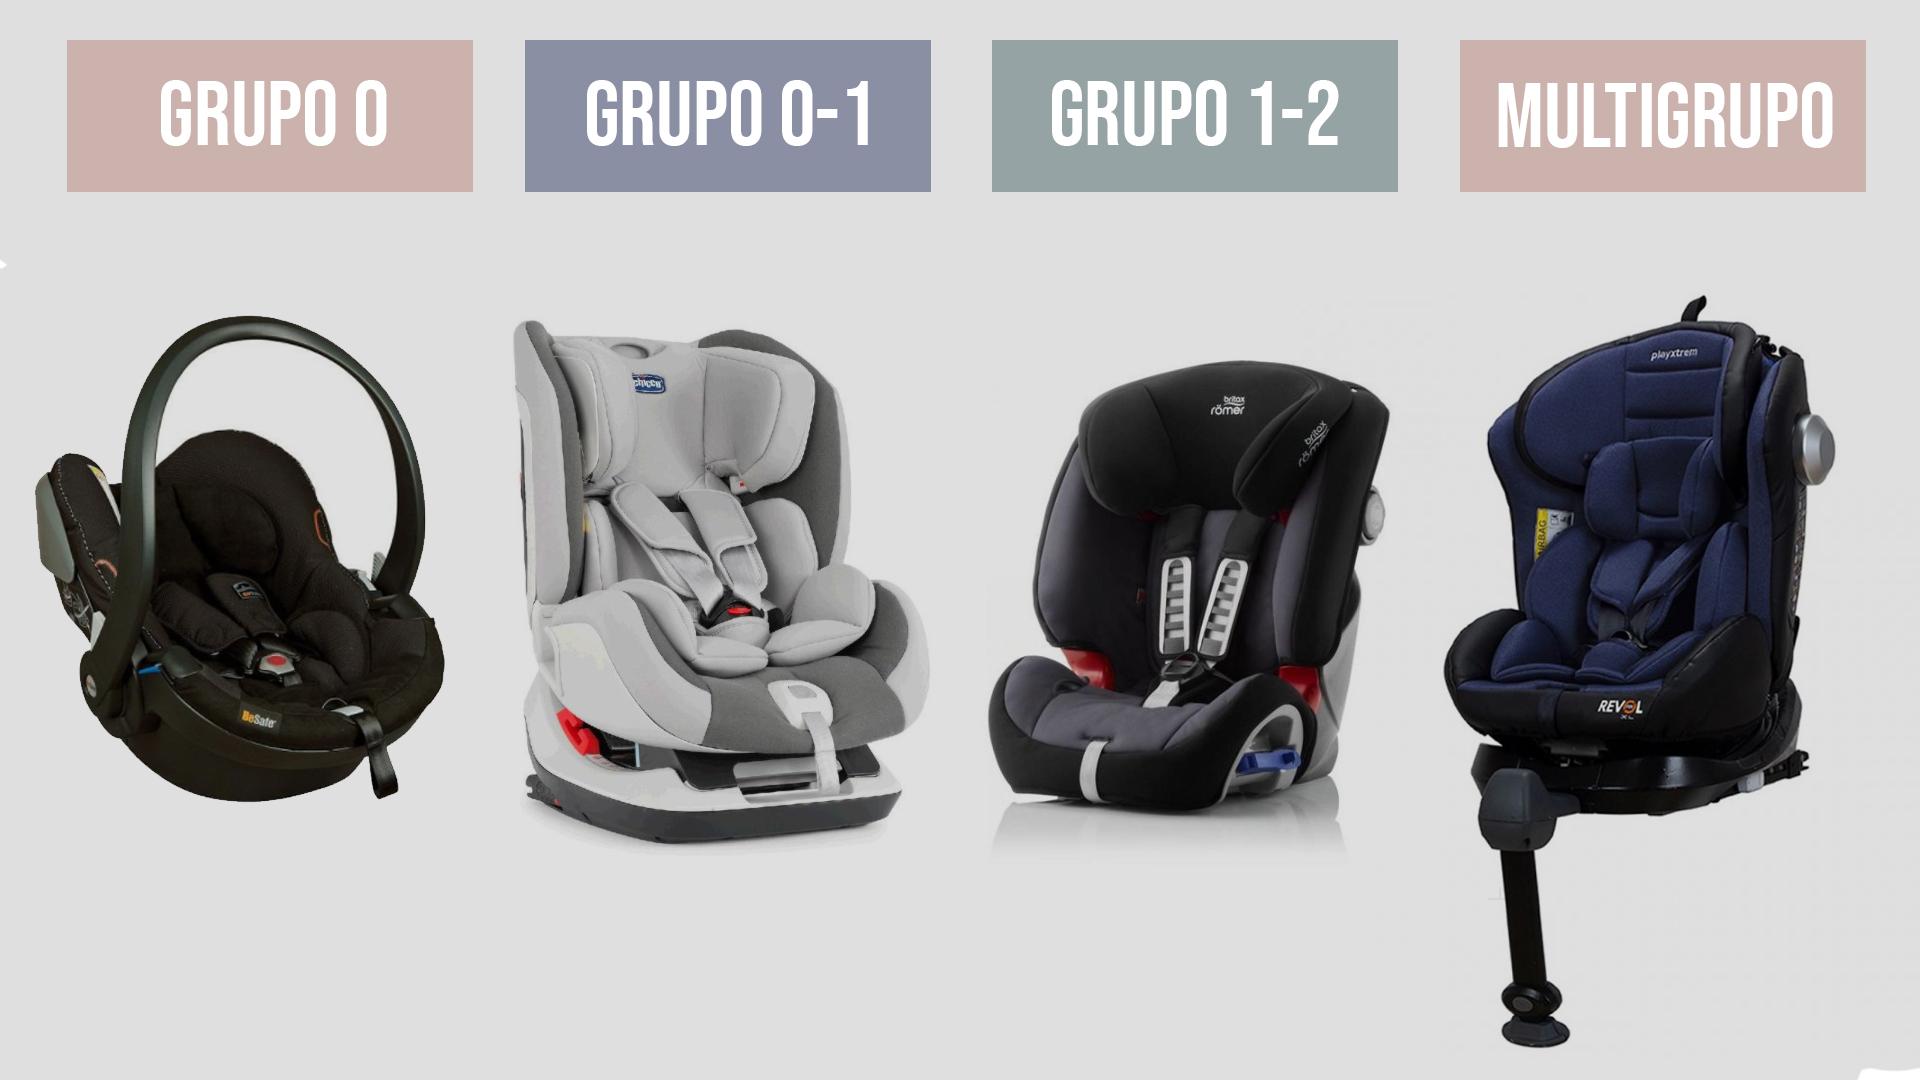 Ejemplos de diferentes grupos de sillas